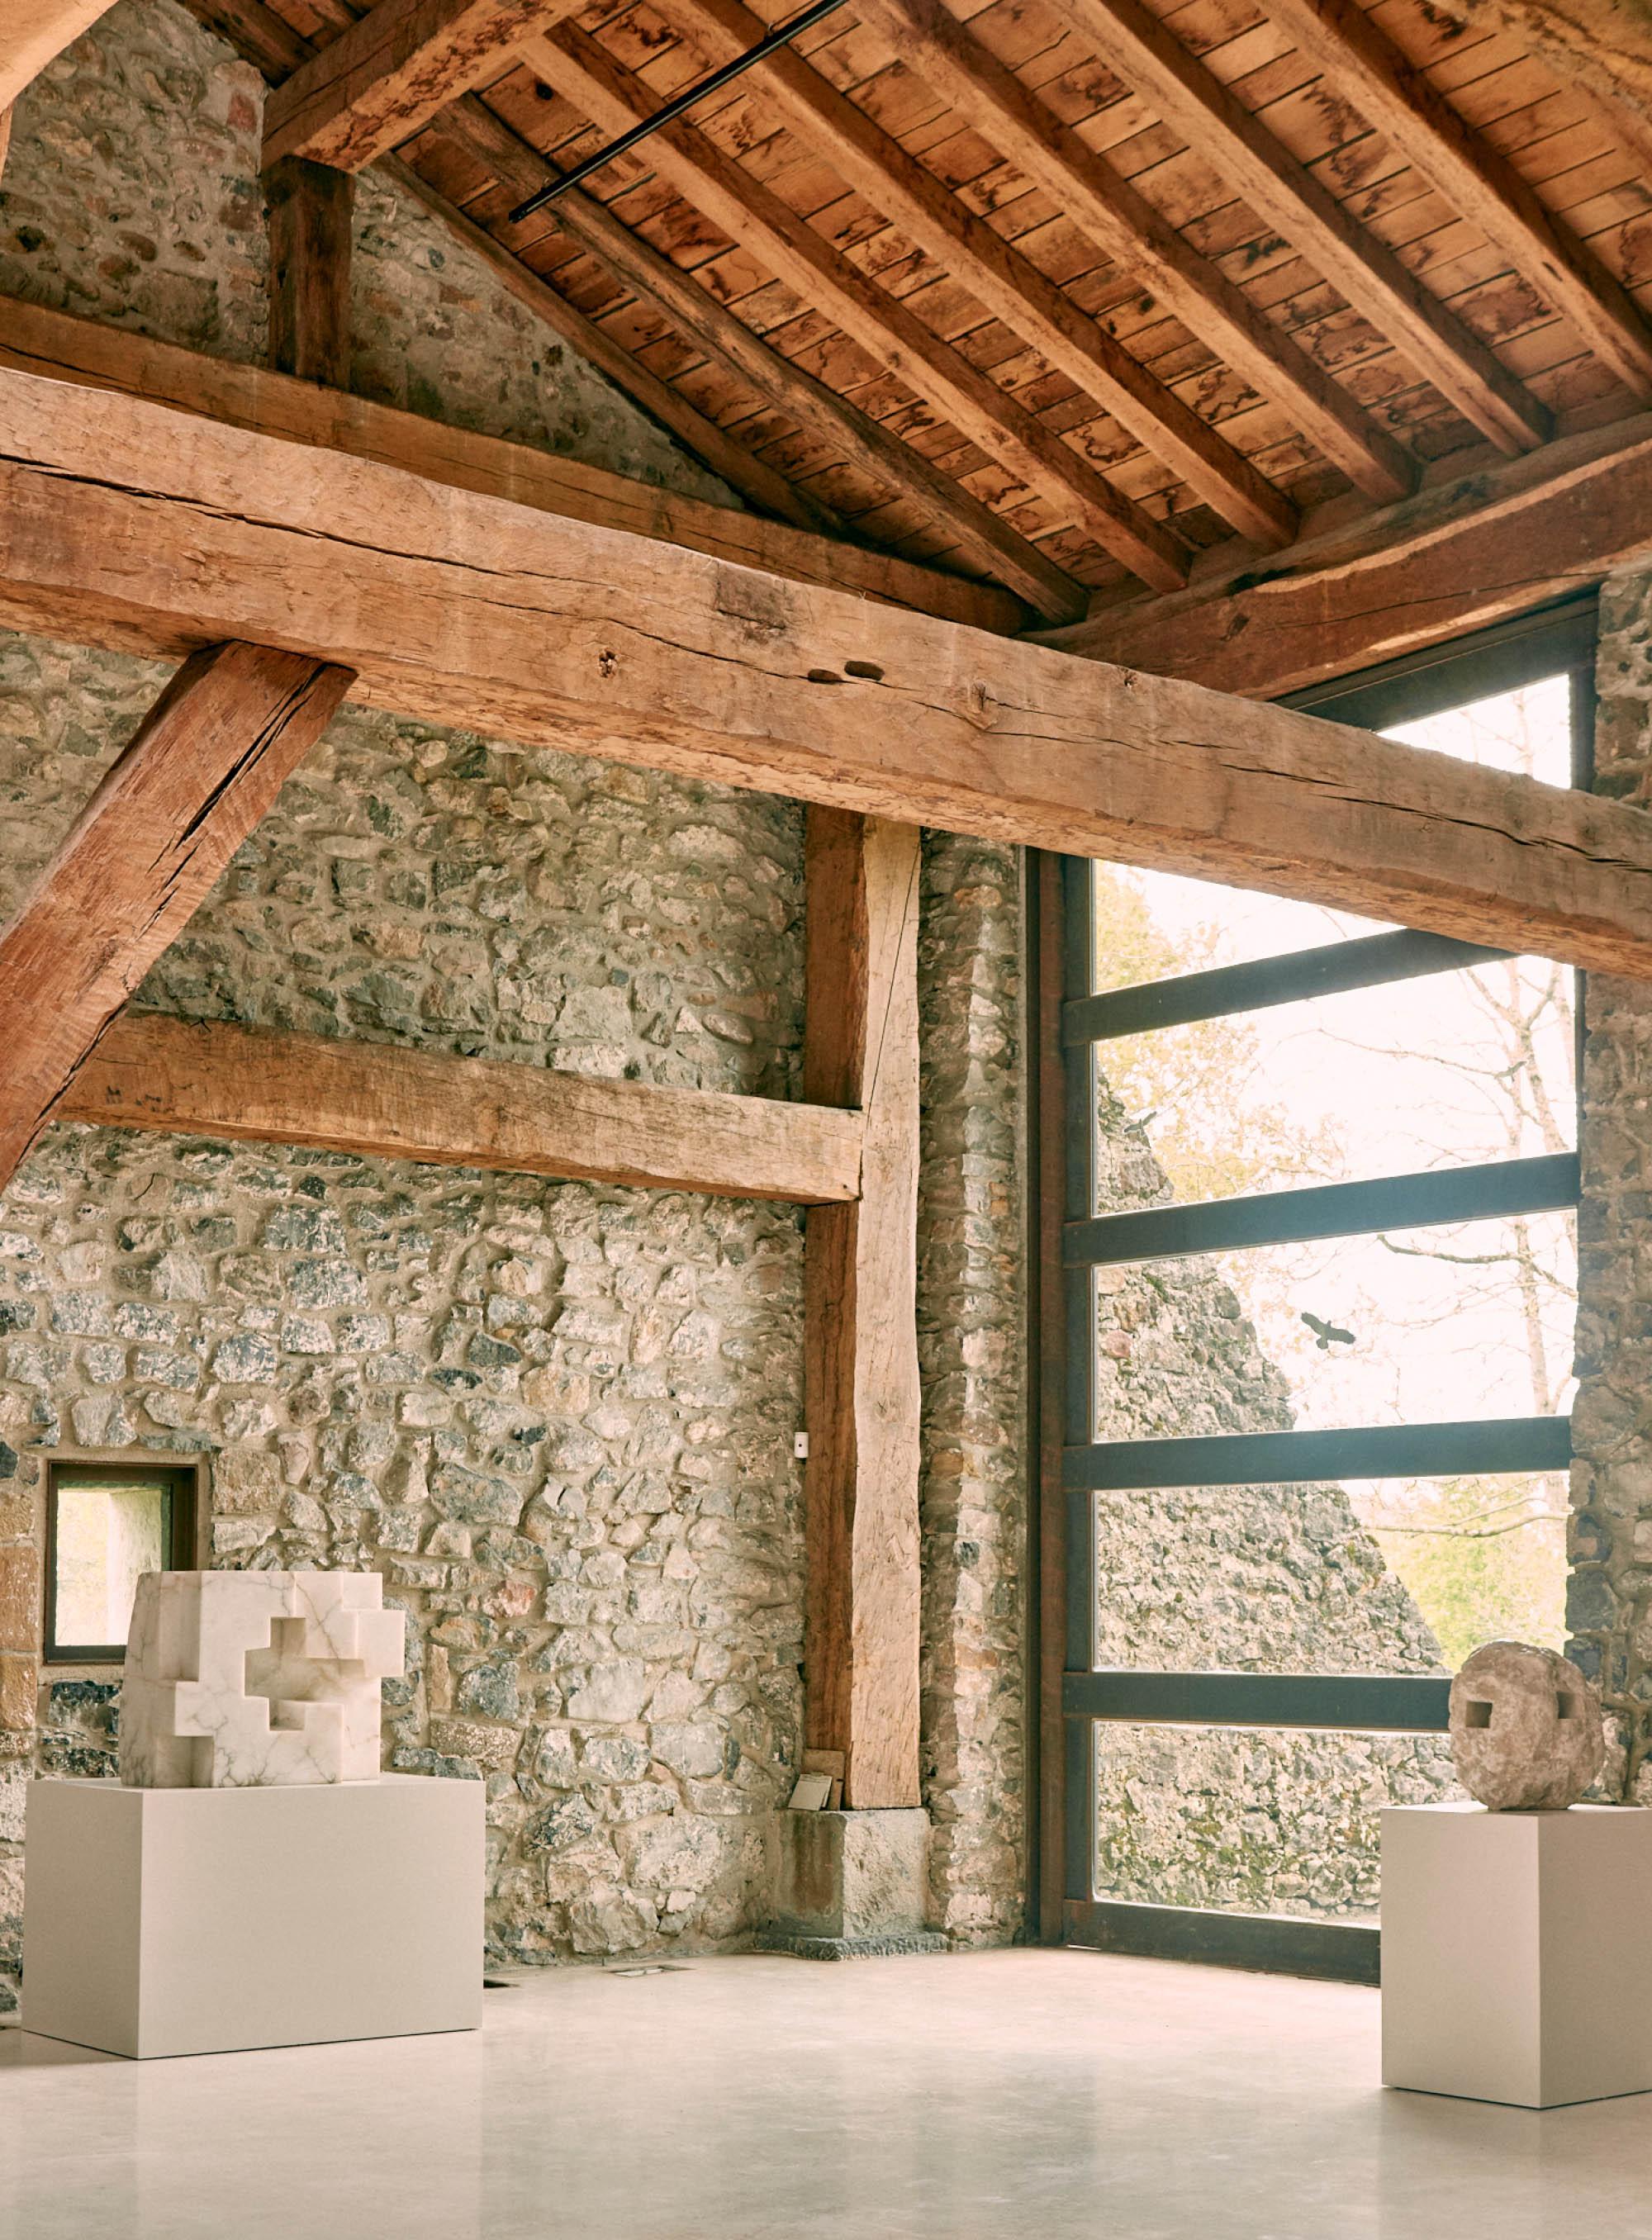 luis_laplace-Chillida_Museum-2